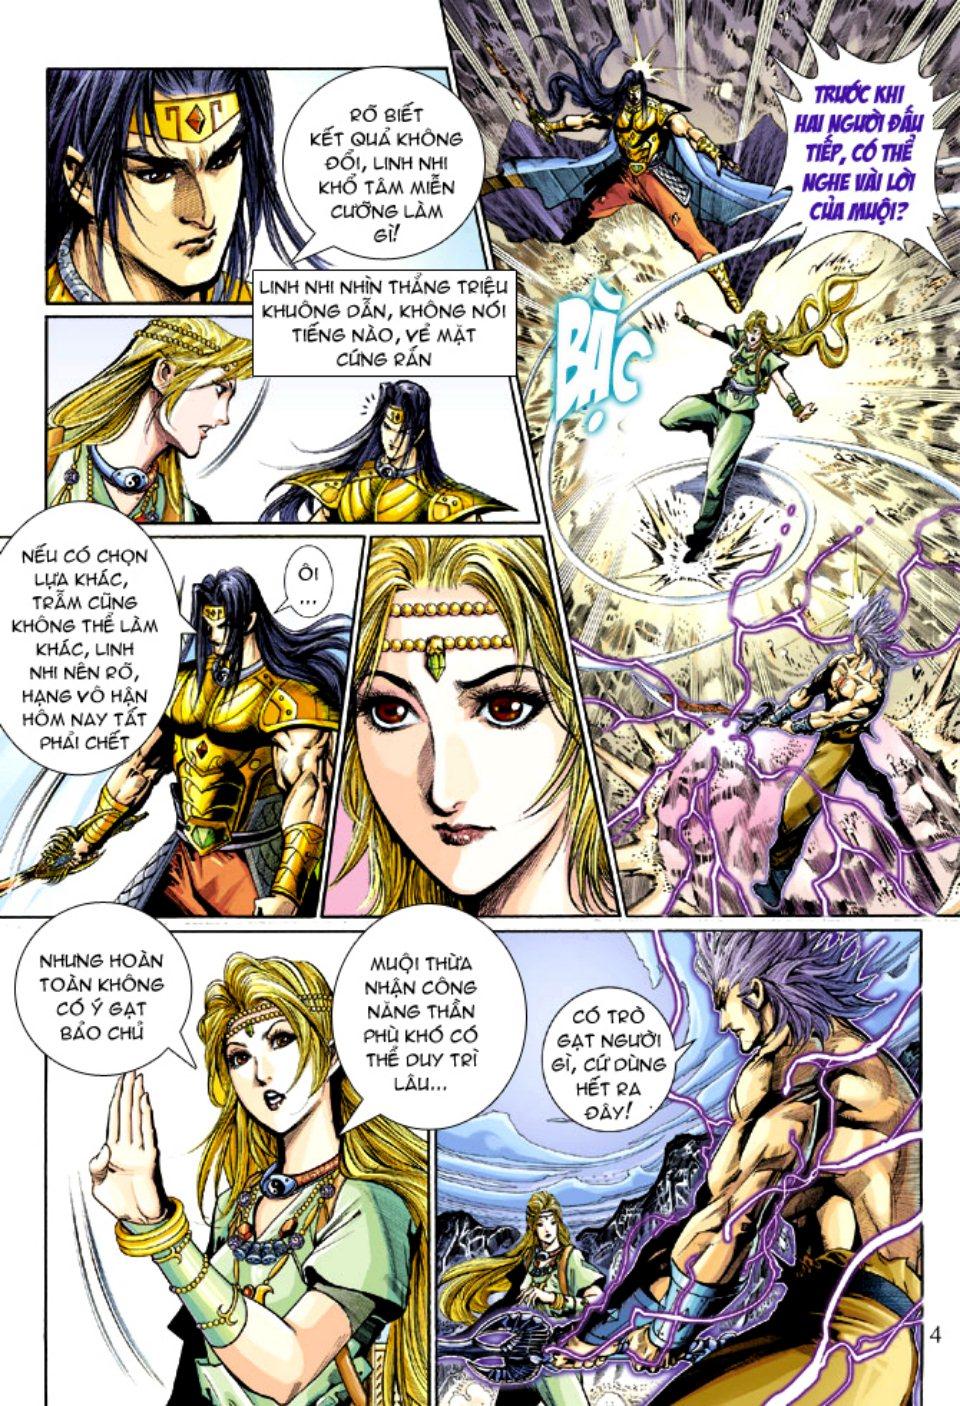 Thiên Tử Truyền Kỳ 5 - Như Lai Thần Chưởng chap 212 - Trang 4